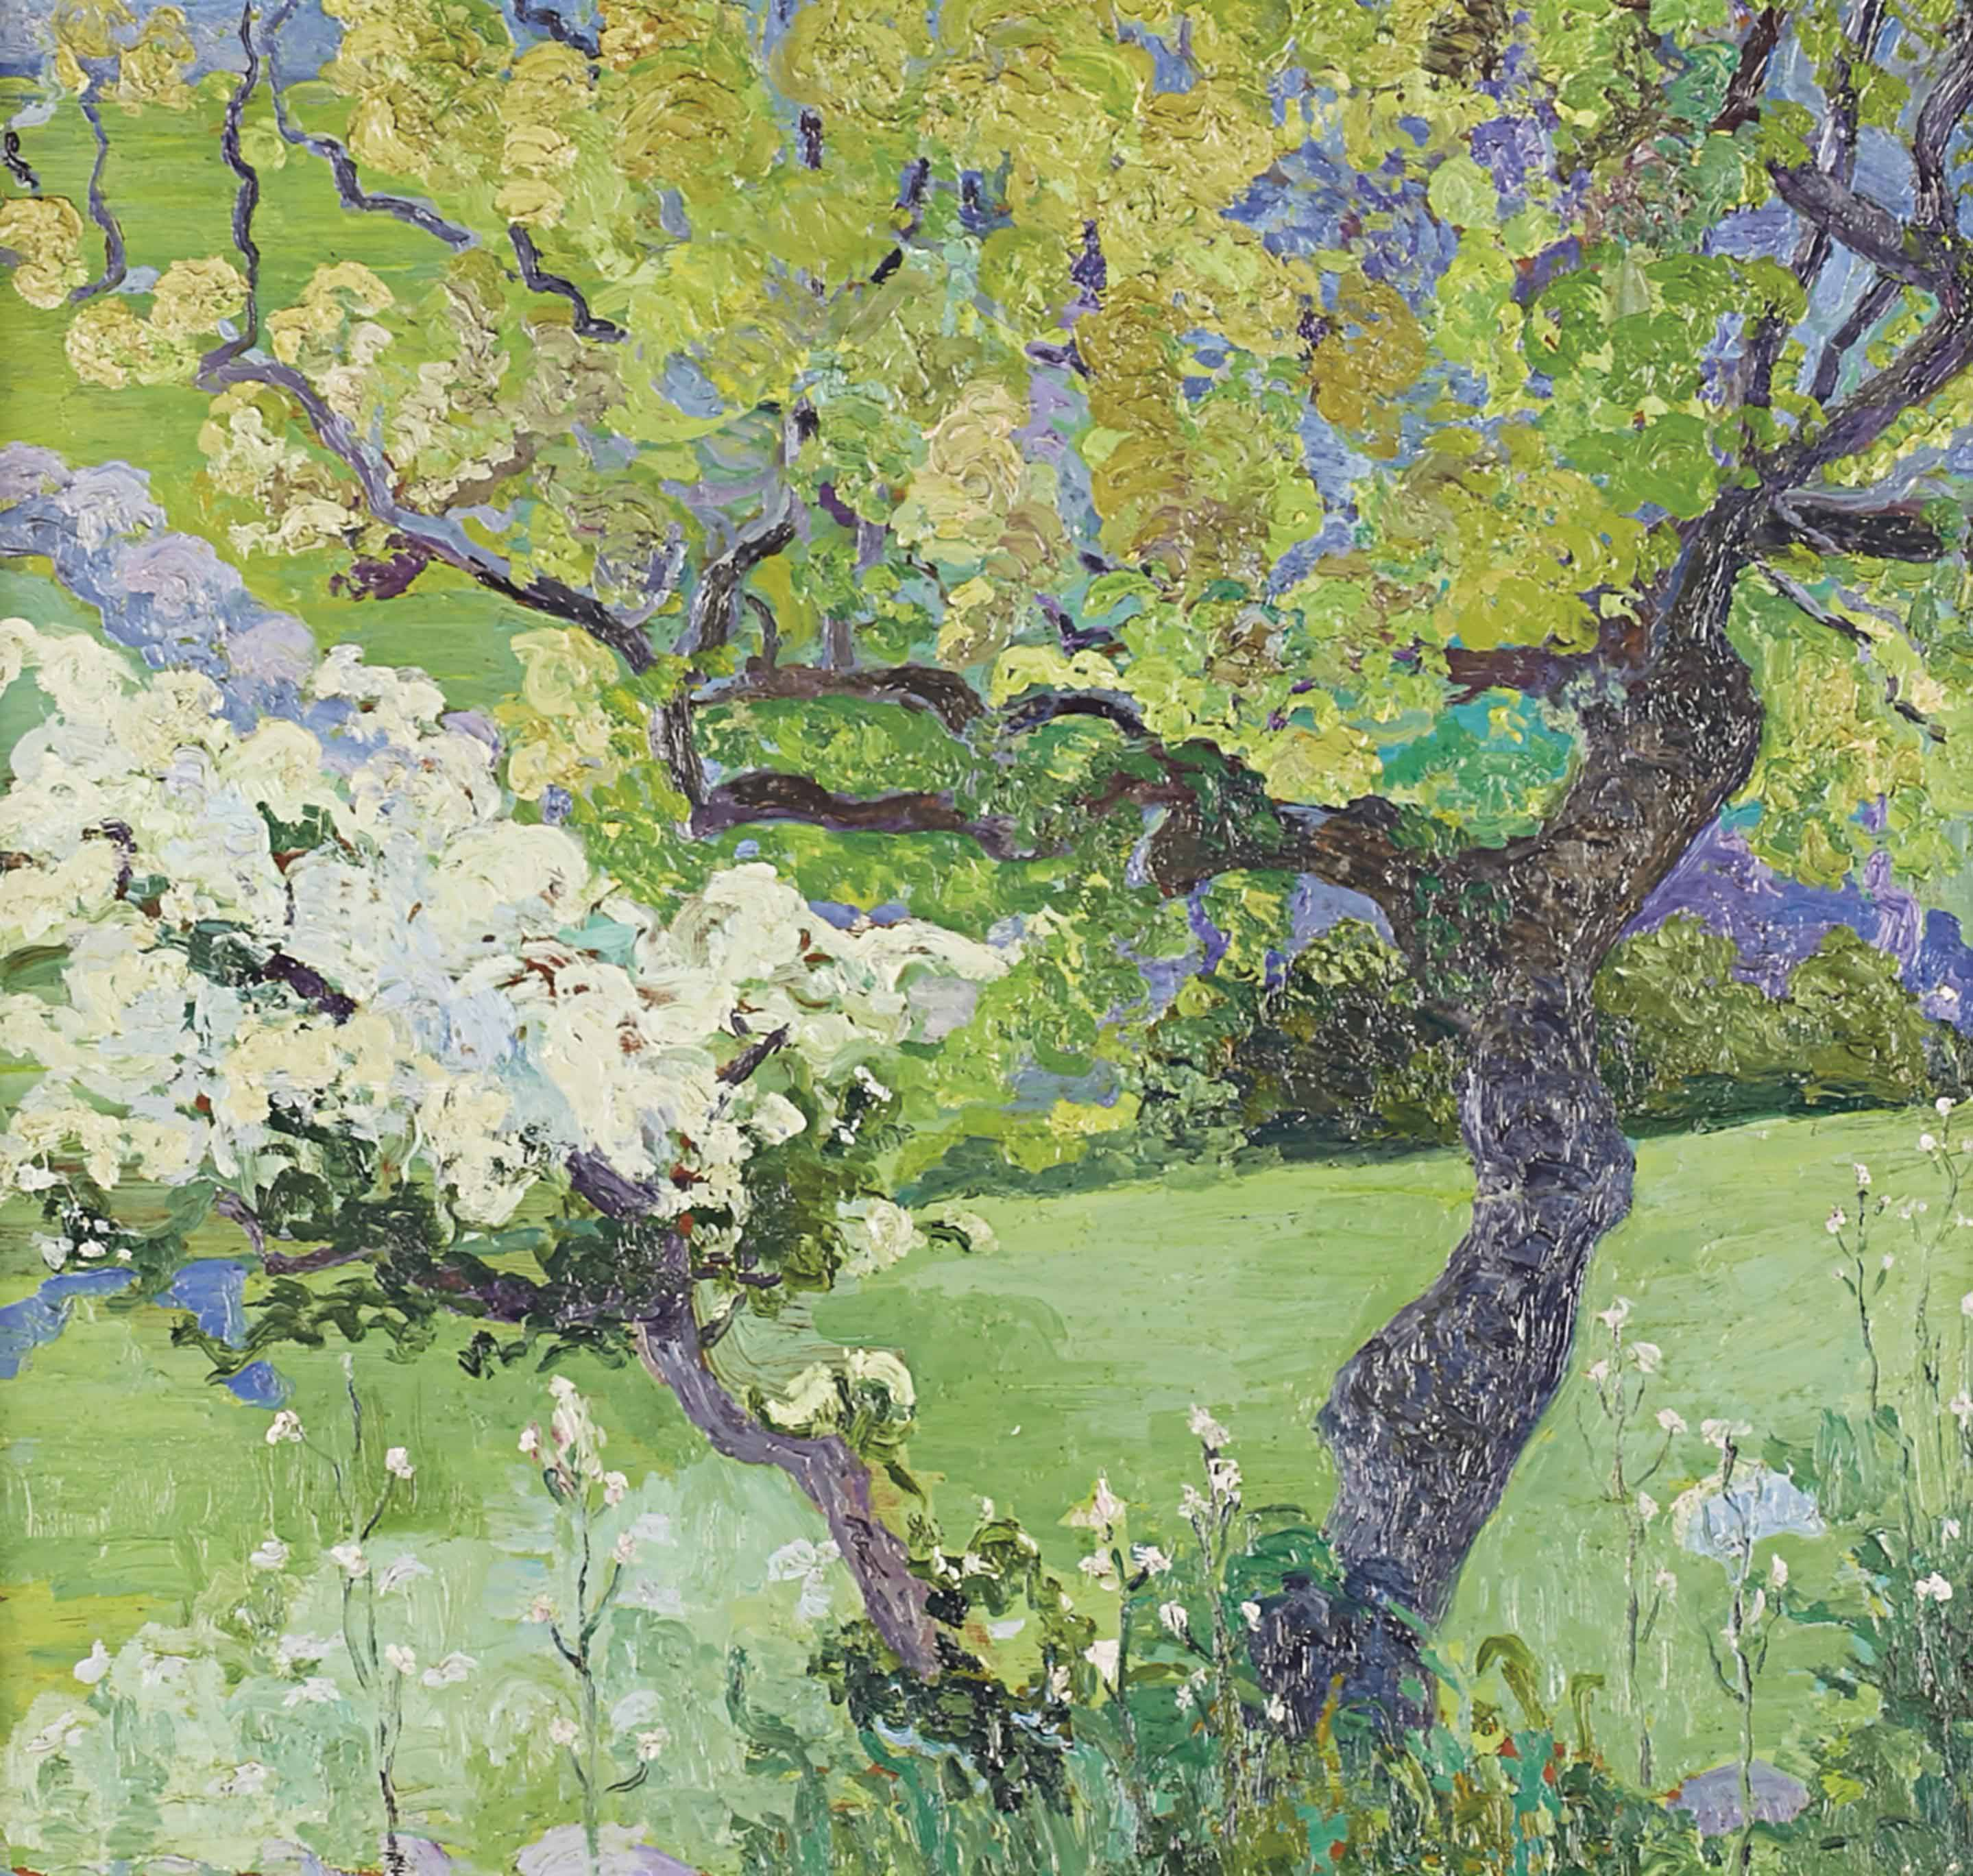 Arboles floridos en prado verde